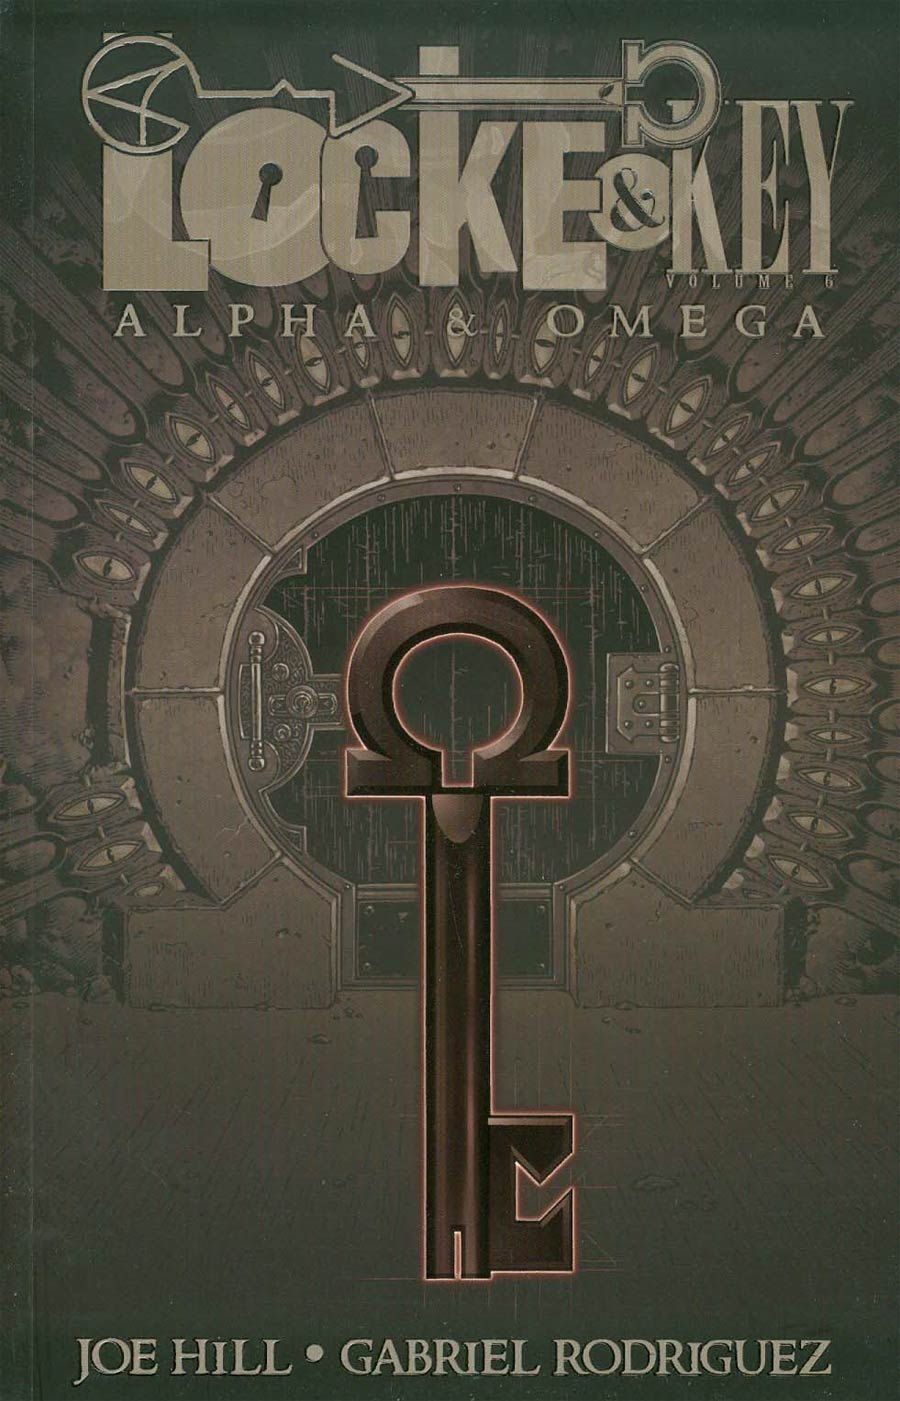 Locke & Key Vol 6 Alpha & Omega TP